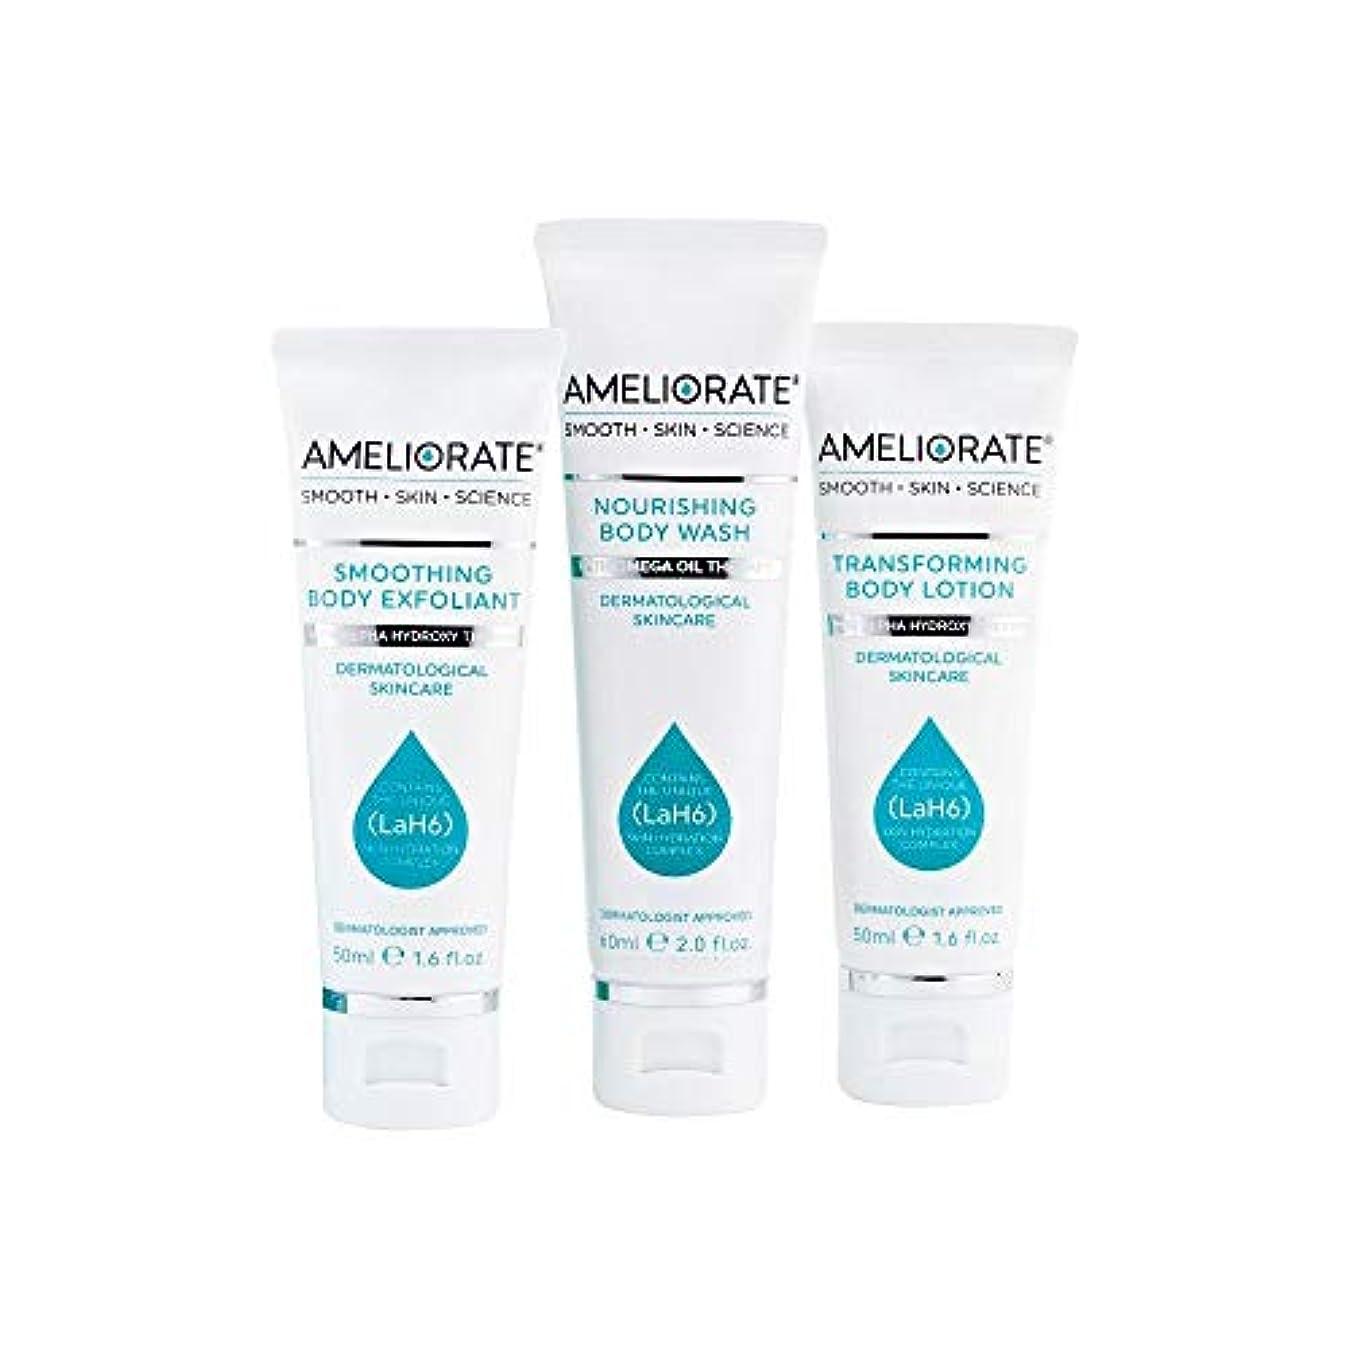 むちゃくちゃ予測子ページェント[Ameliorate] 皮膚キットを滑らかにする3つのステップを改善 - Ameliorate 3 Steps to Smooth Skin Kit [並行輸入品]